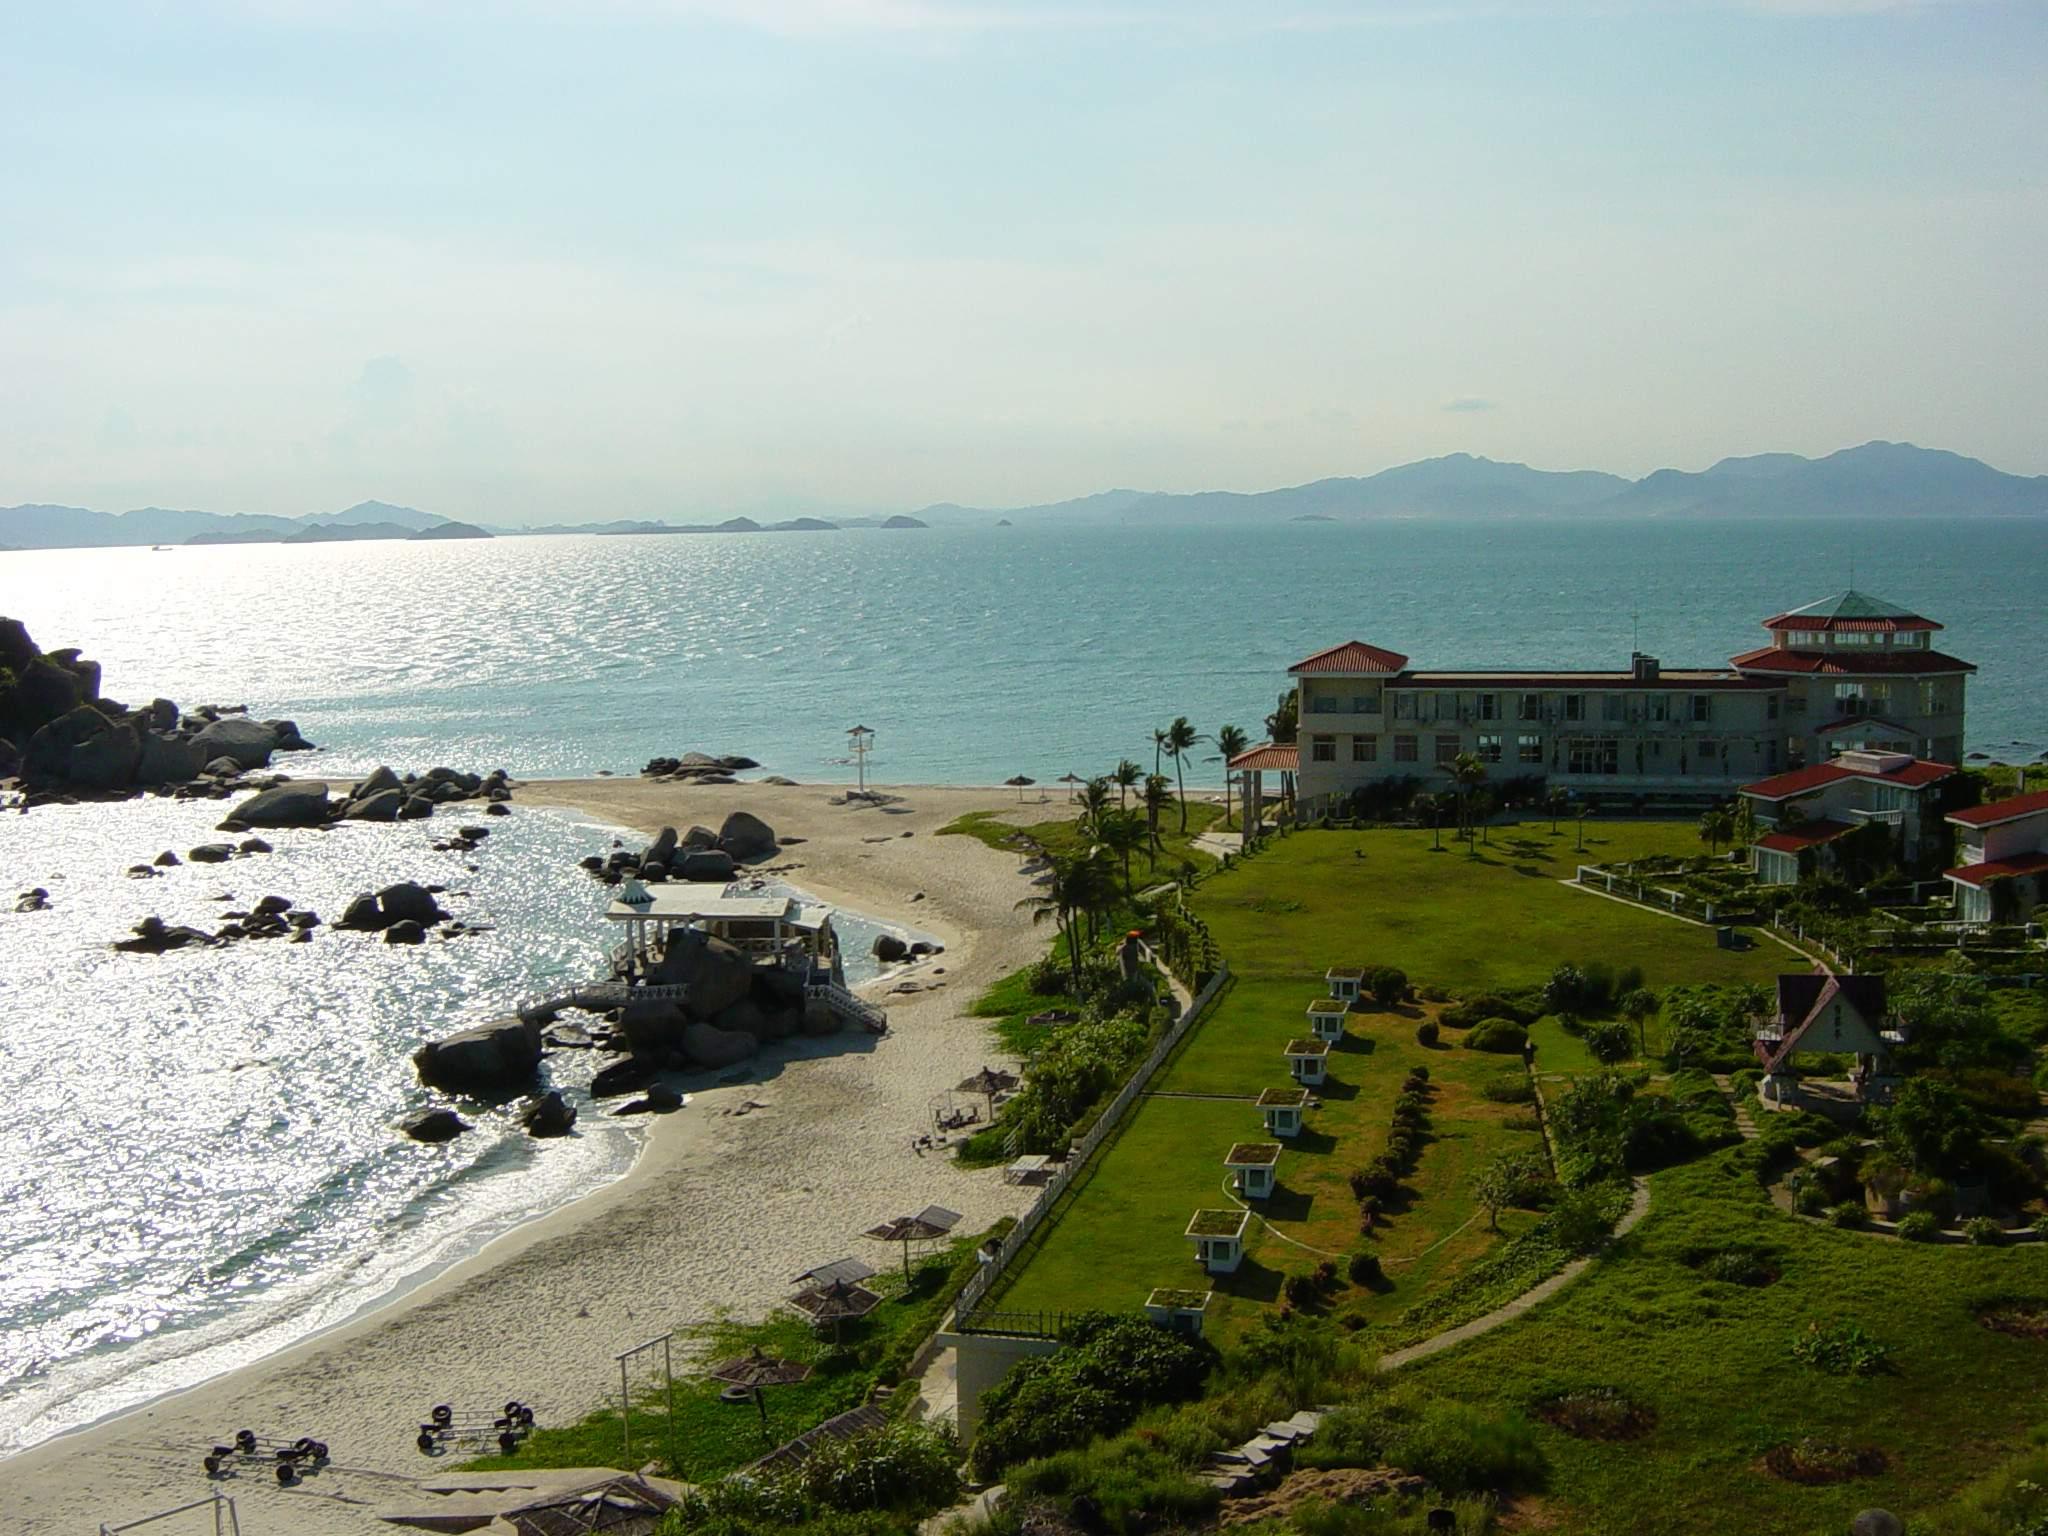 红海湾遮浪岛游记 - 家在深圳-房网论坛